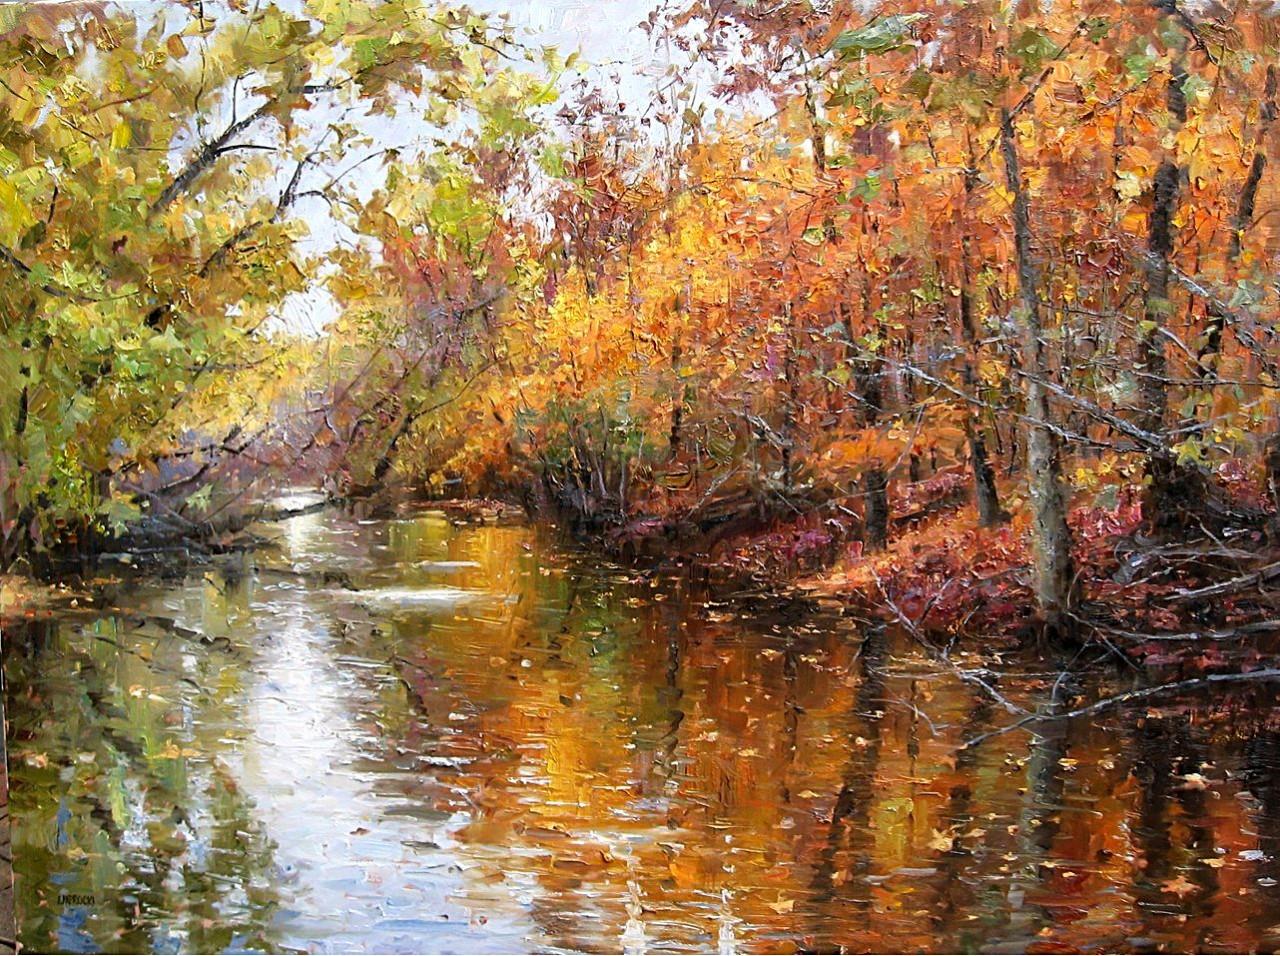 Осенний колорит и воздух, воздух, воздух... Американский художник Эжен Джей Папроски